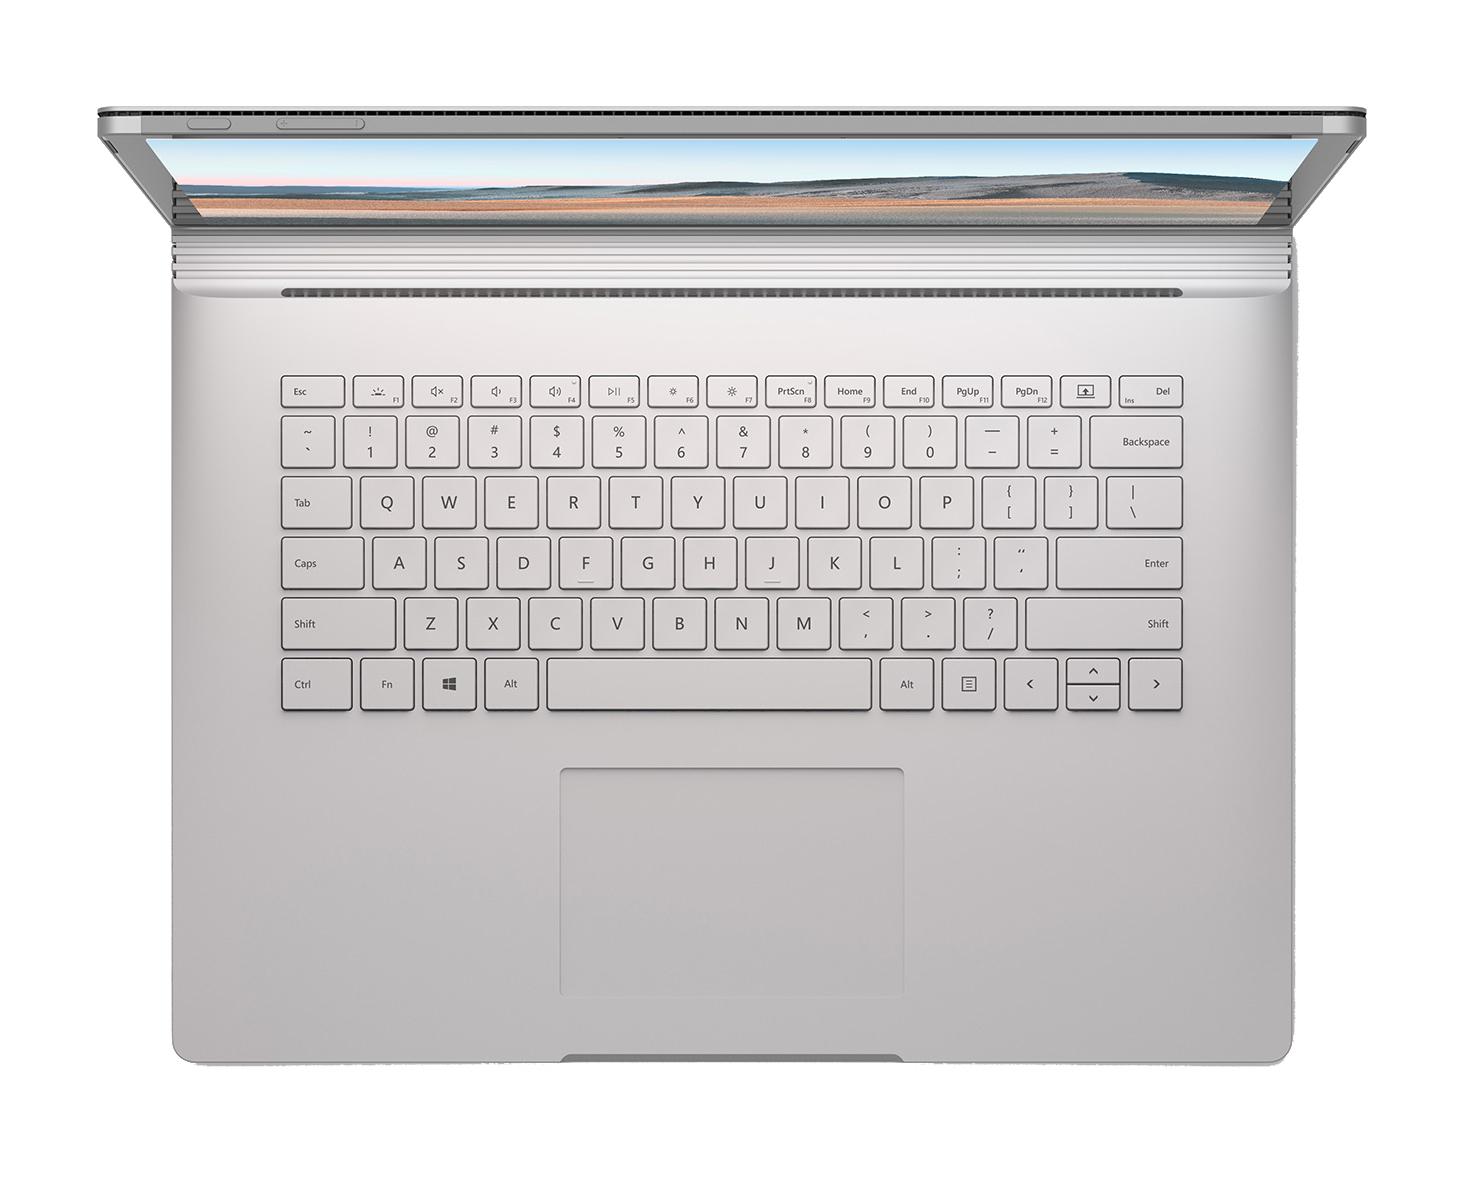 """Microsoft Surface Book 3 LPDDR4x-SDRAM Hybrid (2-in-1) 38,1 cm (15"""") 3240 x 2160 piksler Berøringsskjerm 10th gen Intel® Core™ i7 32 GB 1000 GB SSD NVIDIA® Quadro® RTX 3000 Max-Q Wi-Fi 6 (802.11ax) Windows 10 Pro Platina"""